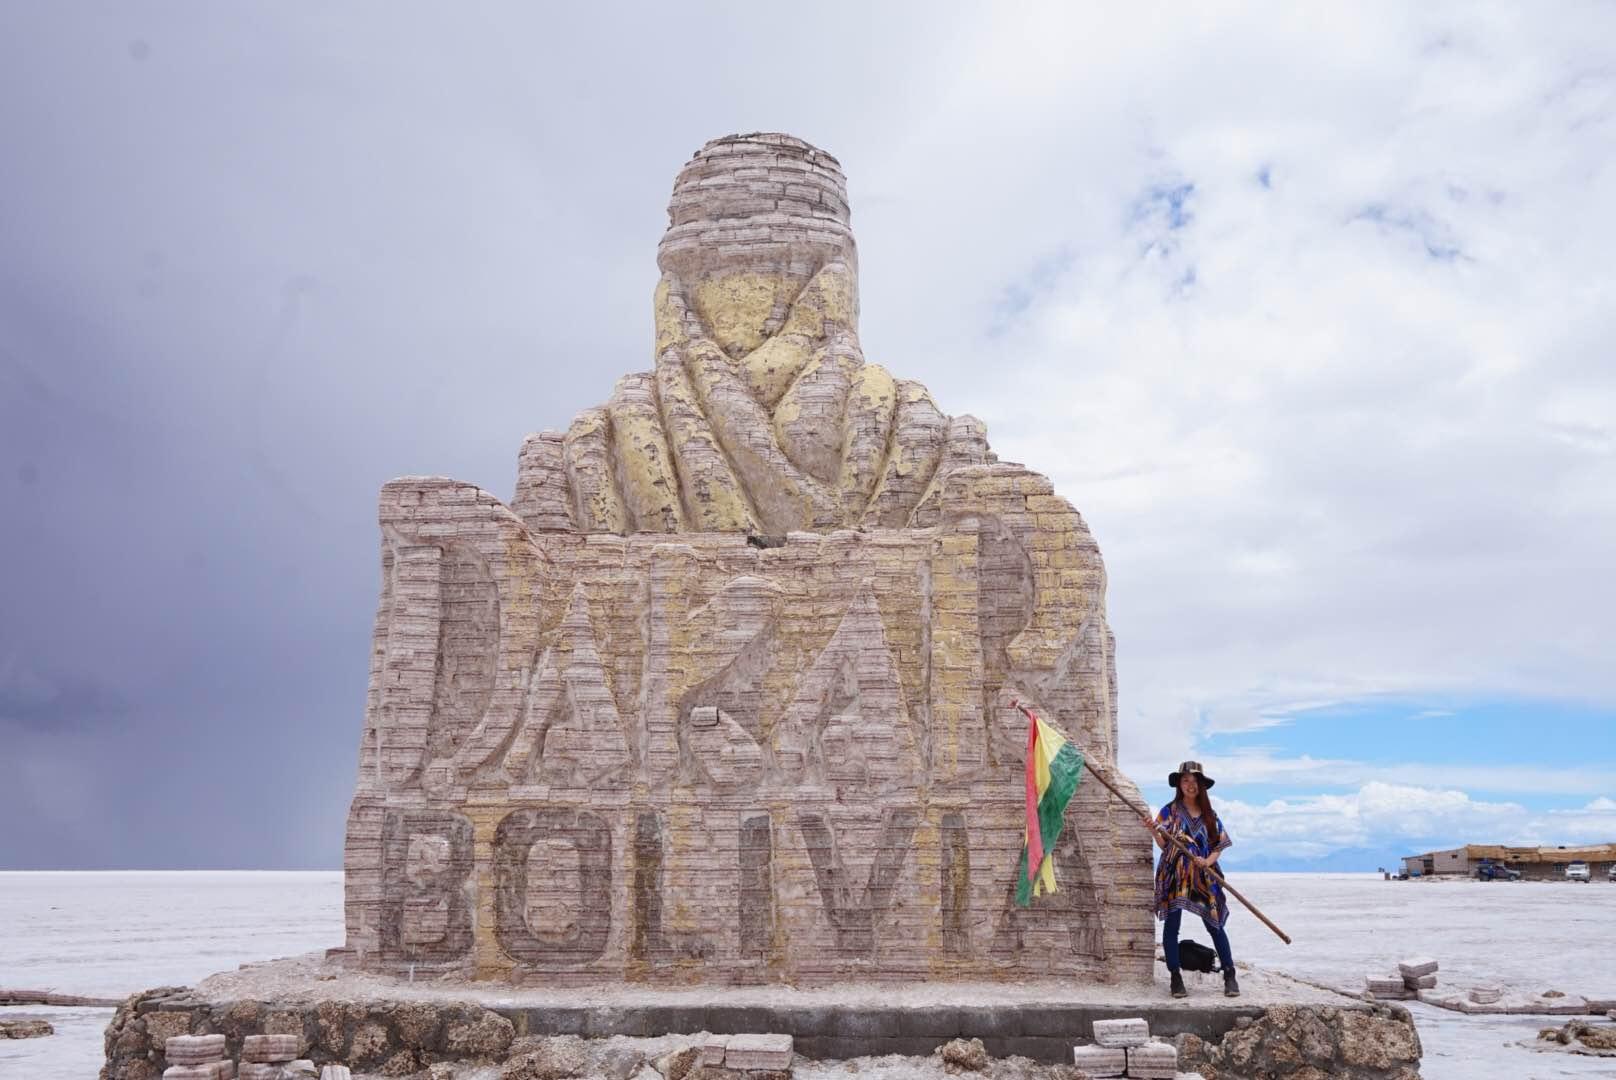 【世界一周】ウユニ塩湖だけじゃない!美しい自然を持つ国ボリビア(後編)